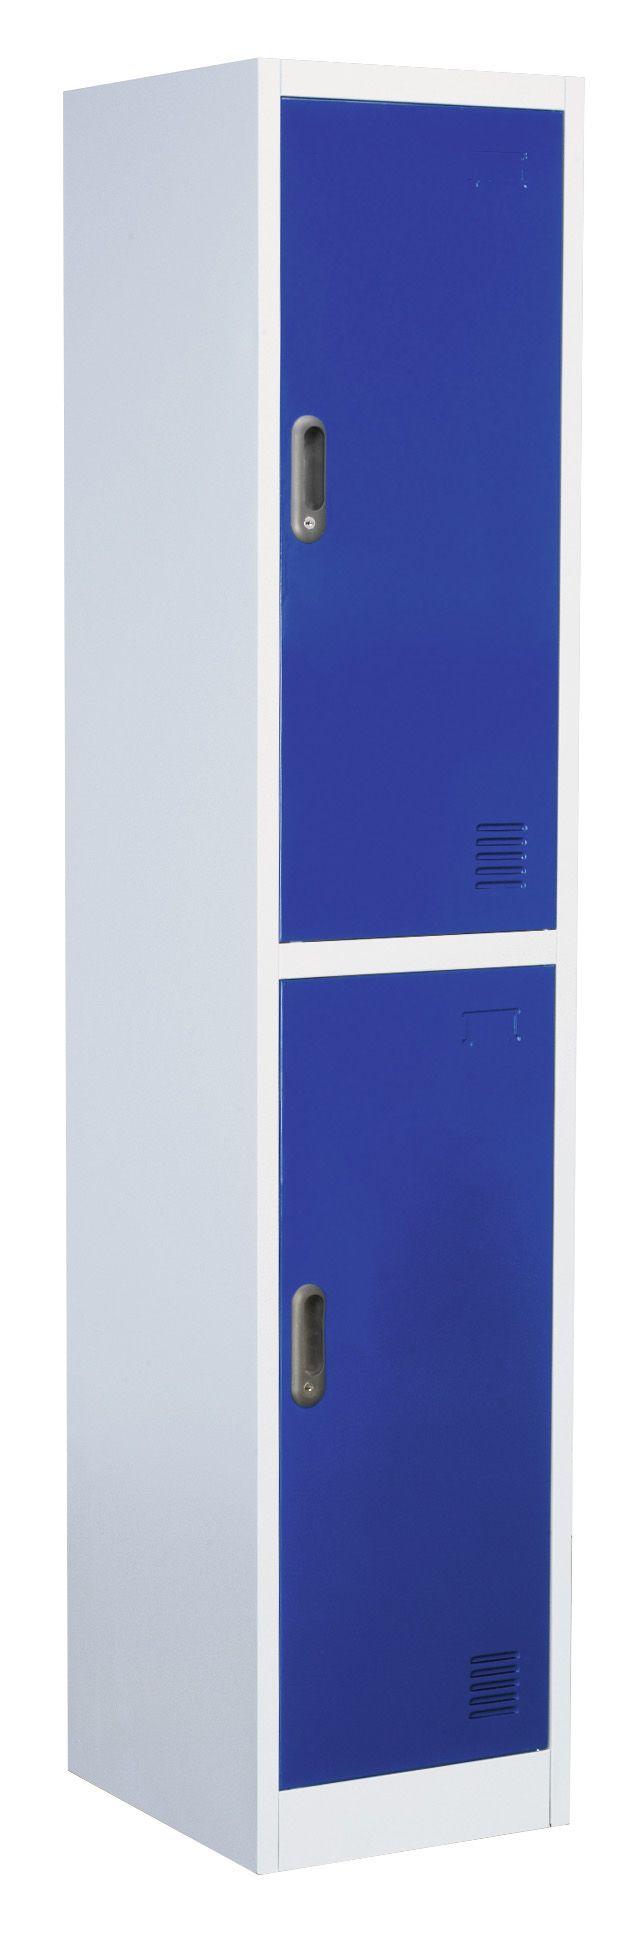 Sealey Locker 2 Door